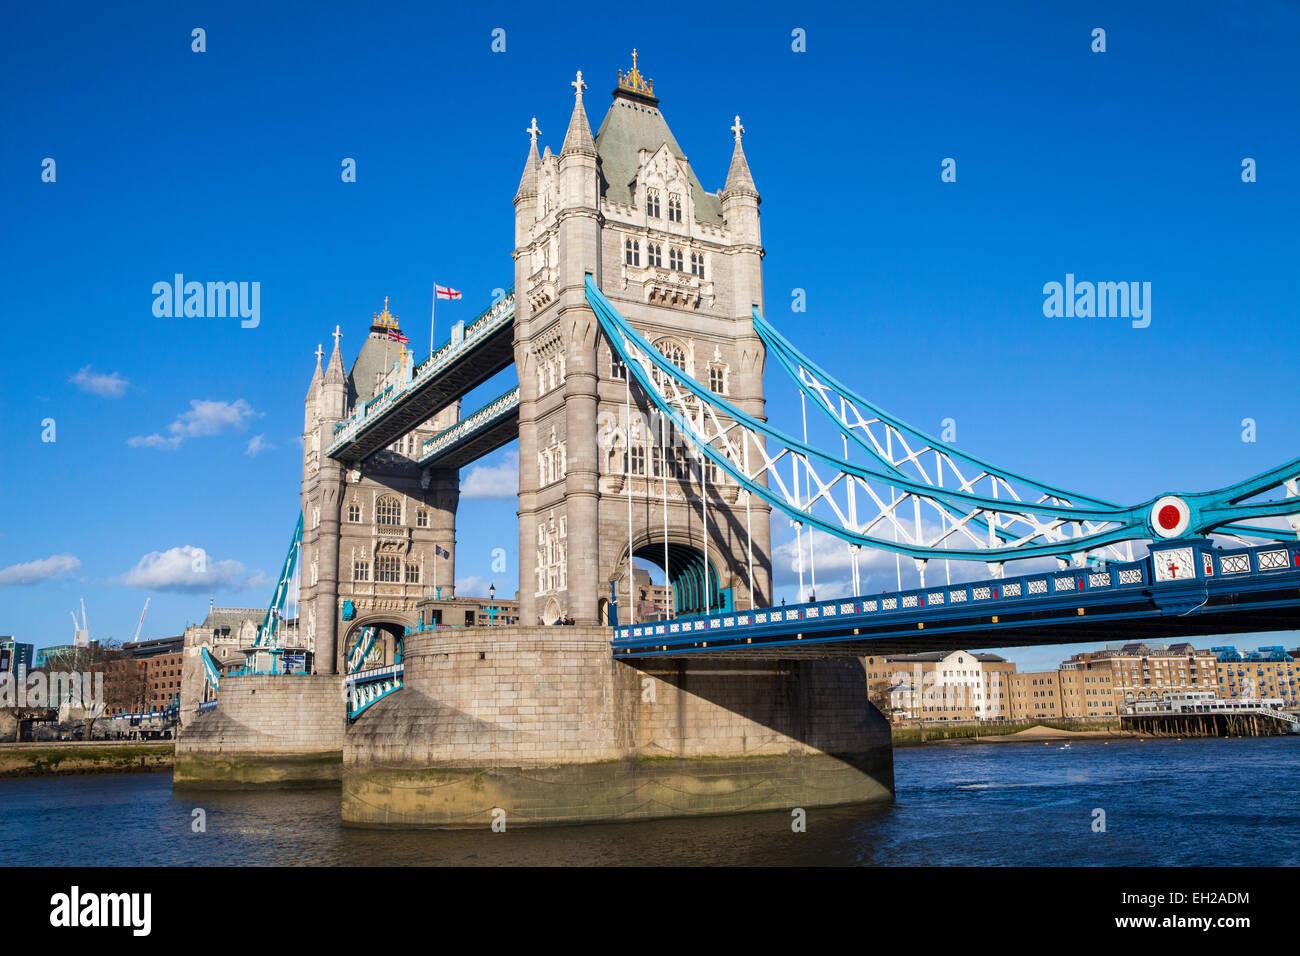 La bella torre puente bajo un cielo azul claro en Londres. Imagen De Stock